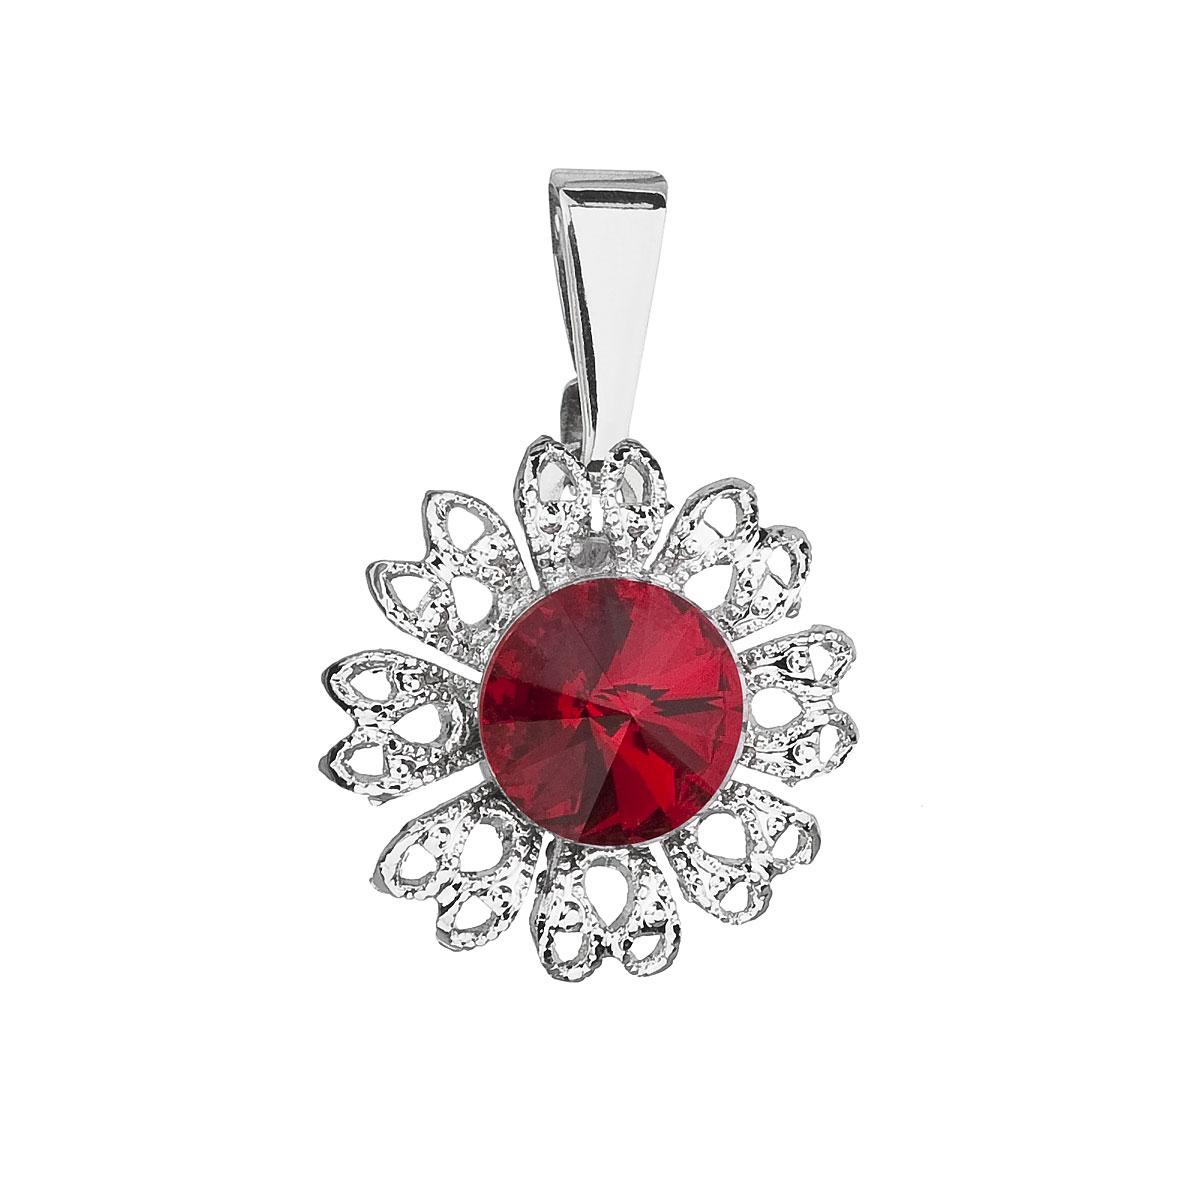 Evolution Group Přívěsek se Swarovski krystaly červená kytička 54032.3 siam